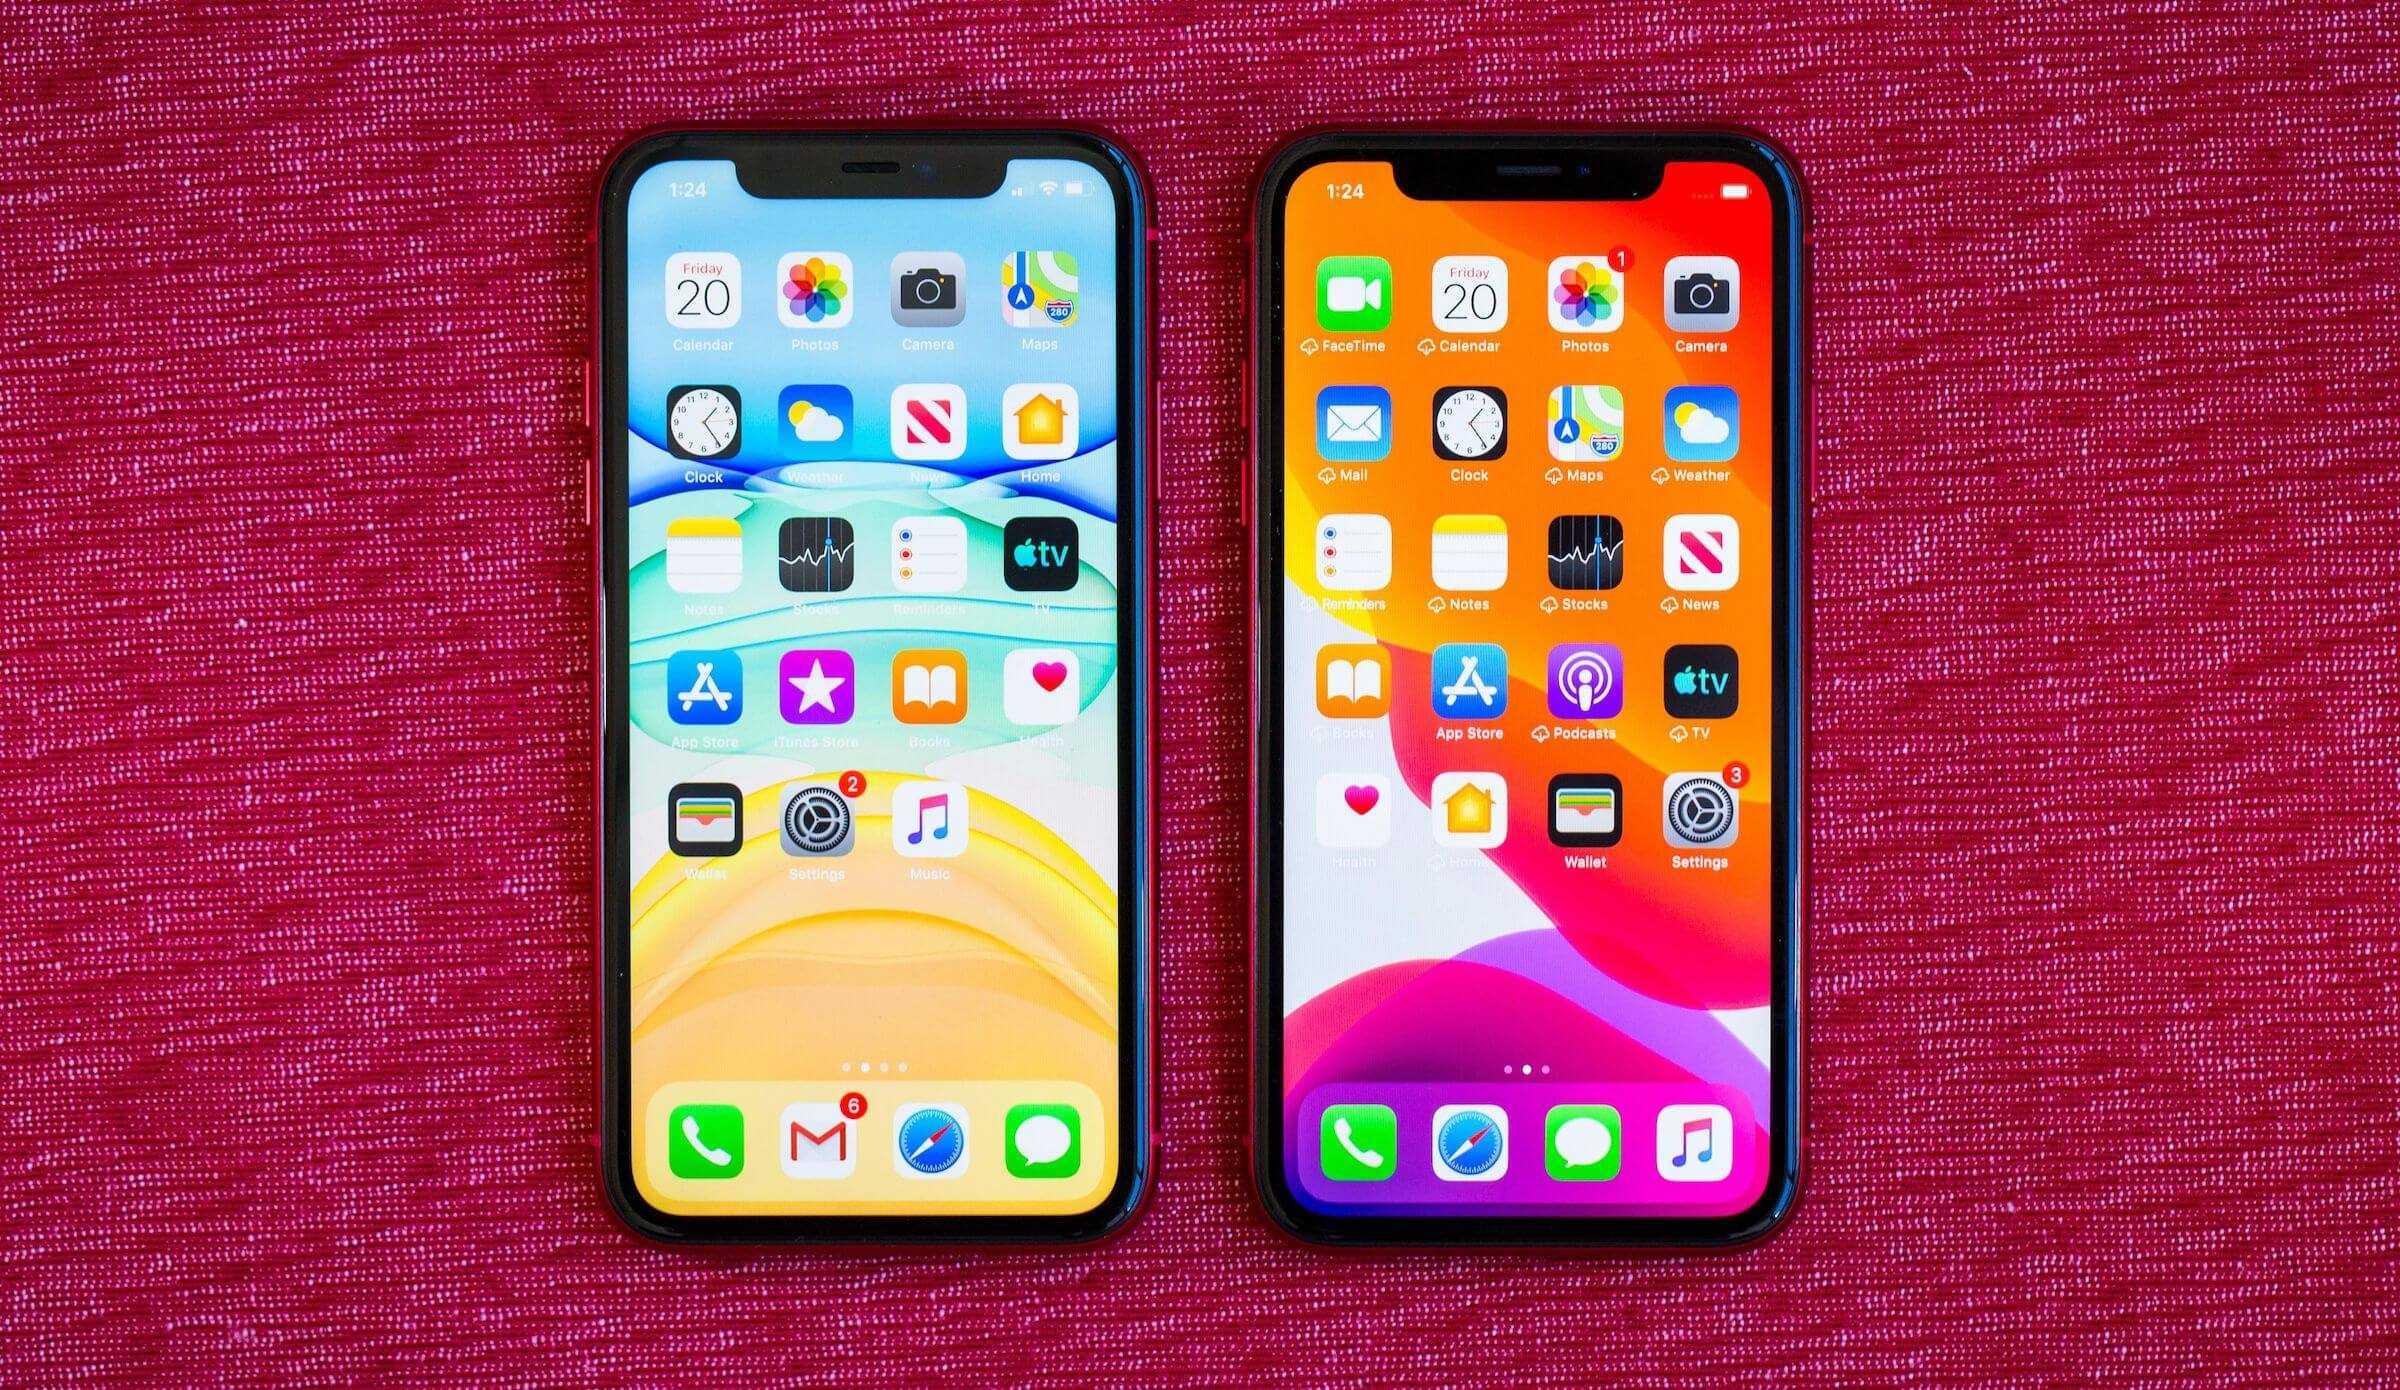 Почему iphone x сняли с производства и не продают - все секреты тарифкин.ру почему iphone x сняли с производства и не продают - все секреты